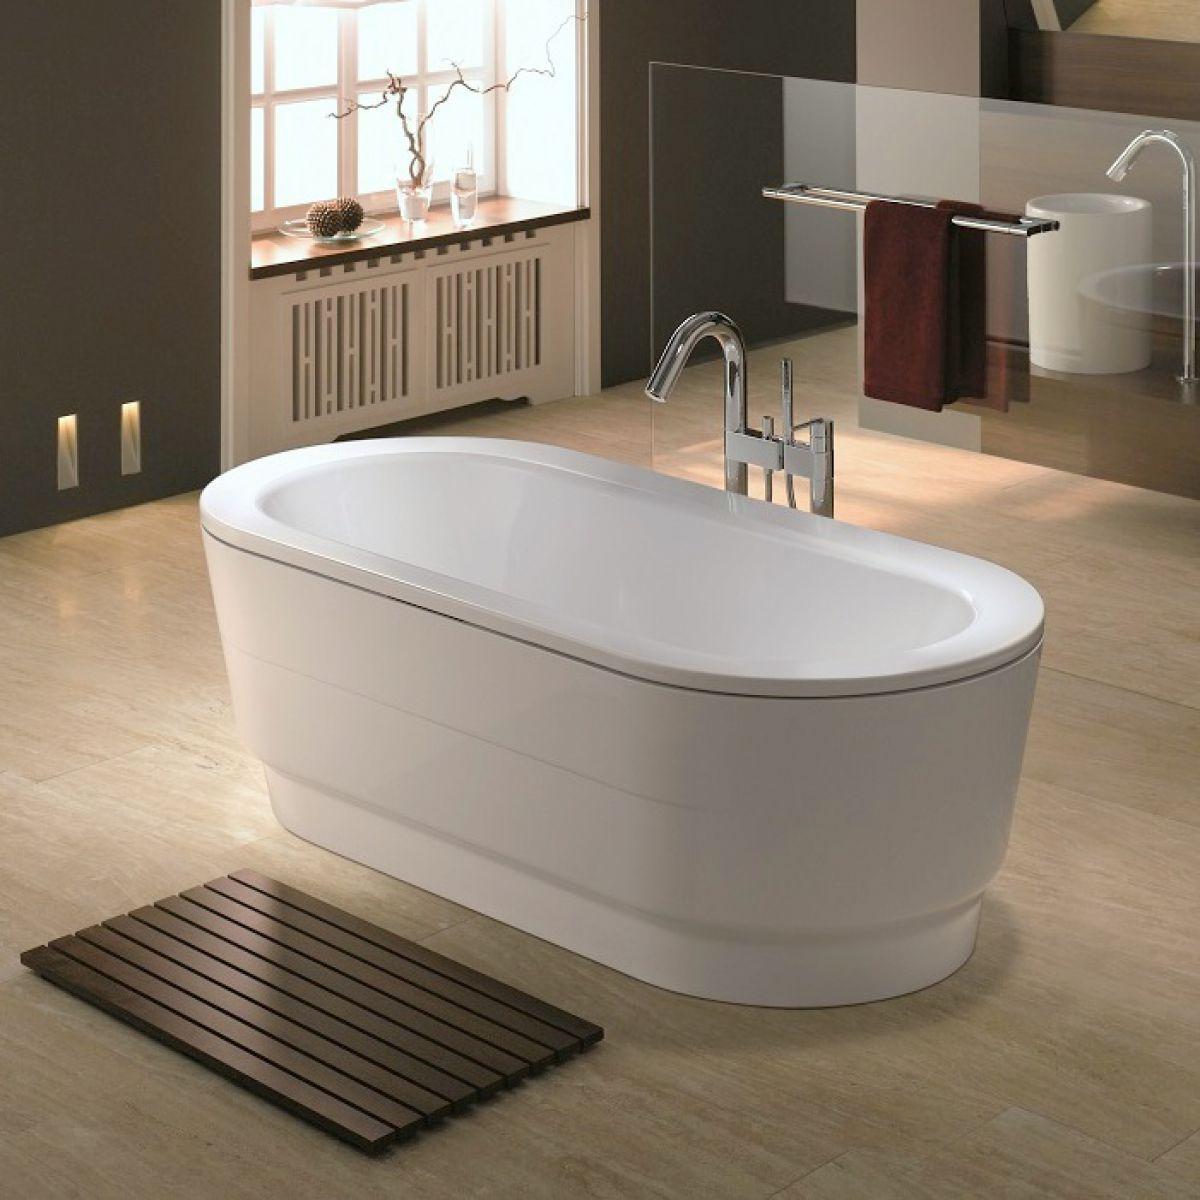 Kaldewei Classic Duo Oval Wide Steel Bath